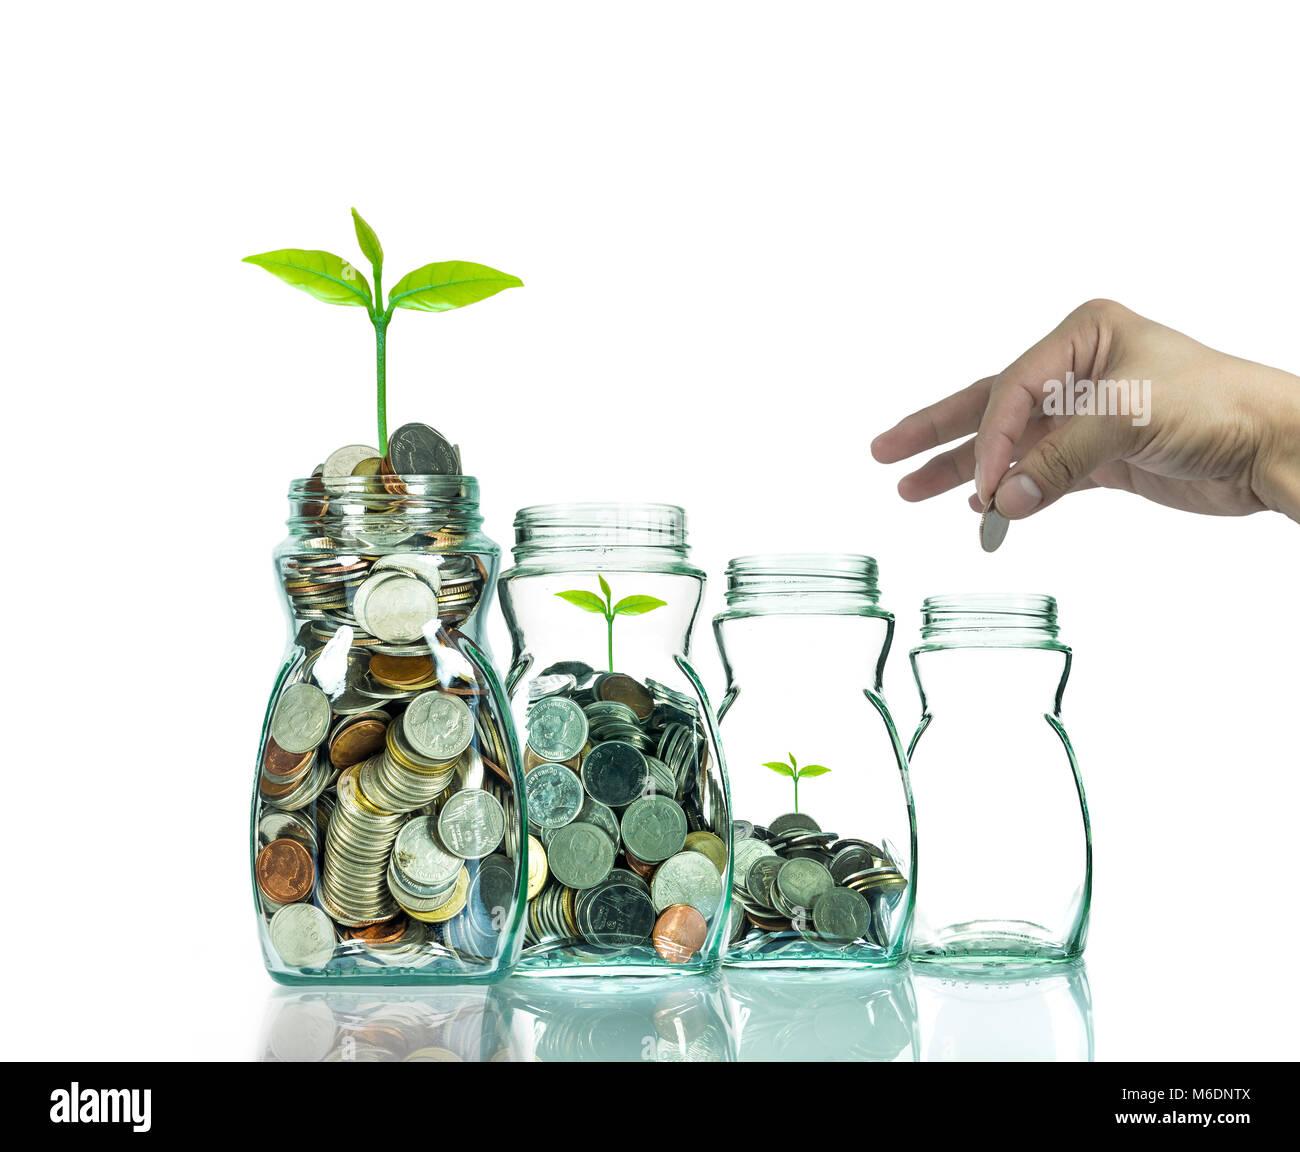 Poniendo la mano mezclar monedas y semillas en botella transparente sobre fondo blanco,el crecimiento de la inversión Imagen De Stock